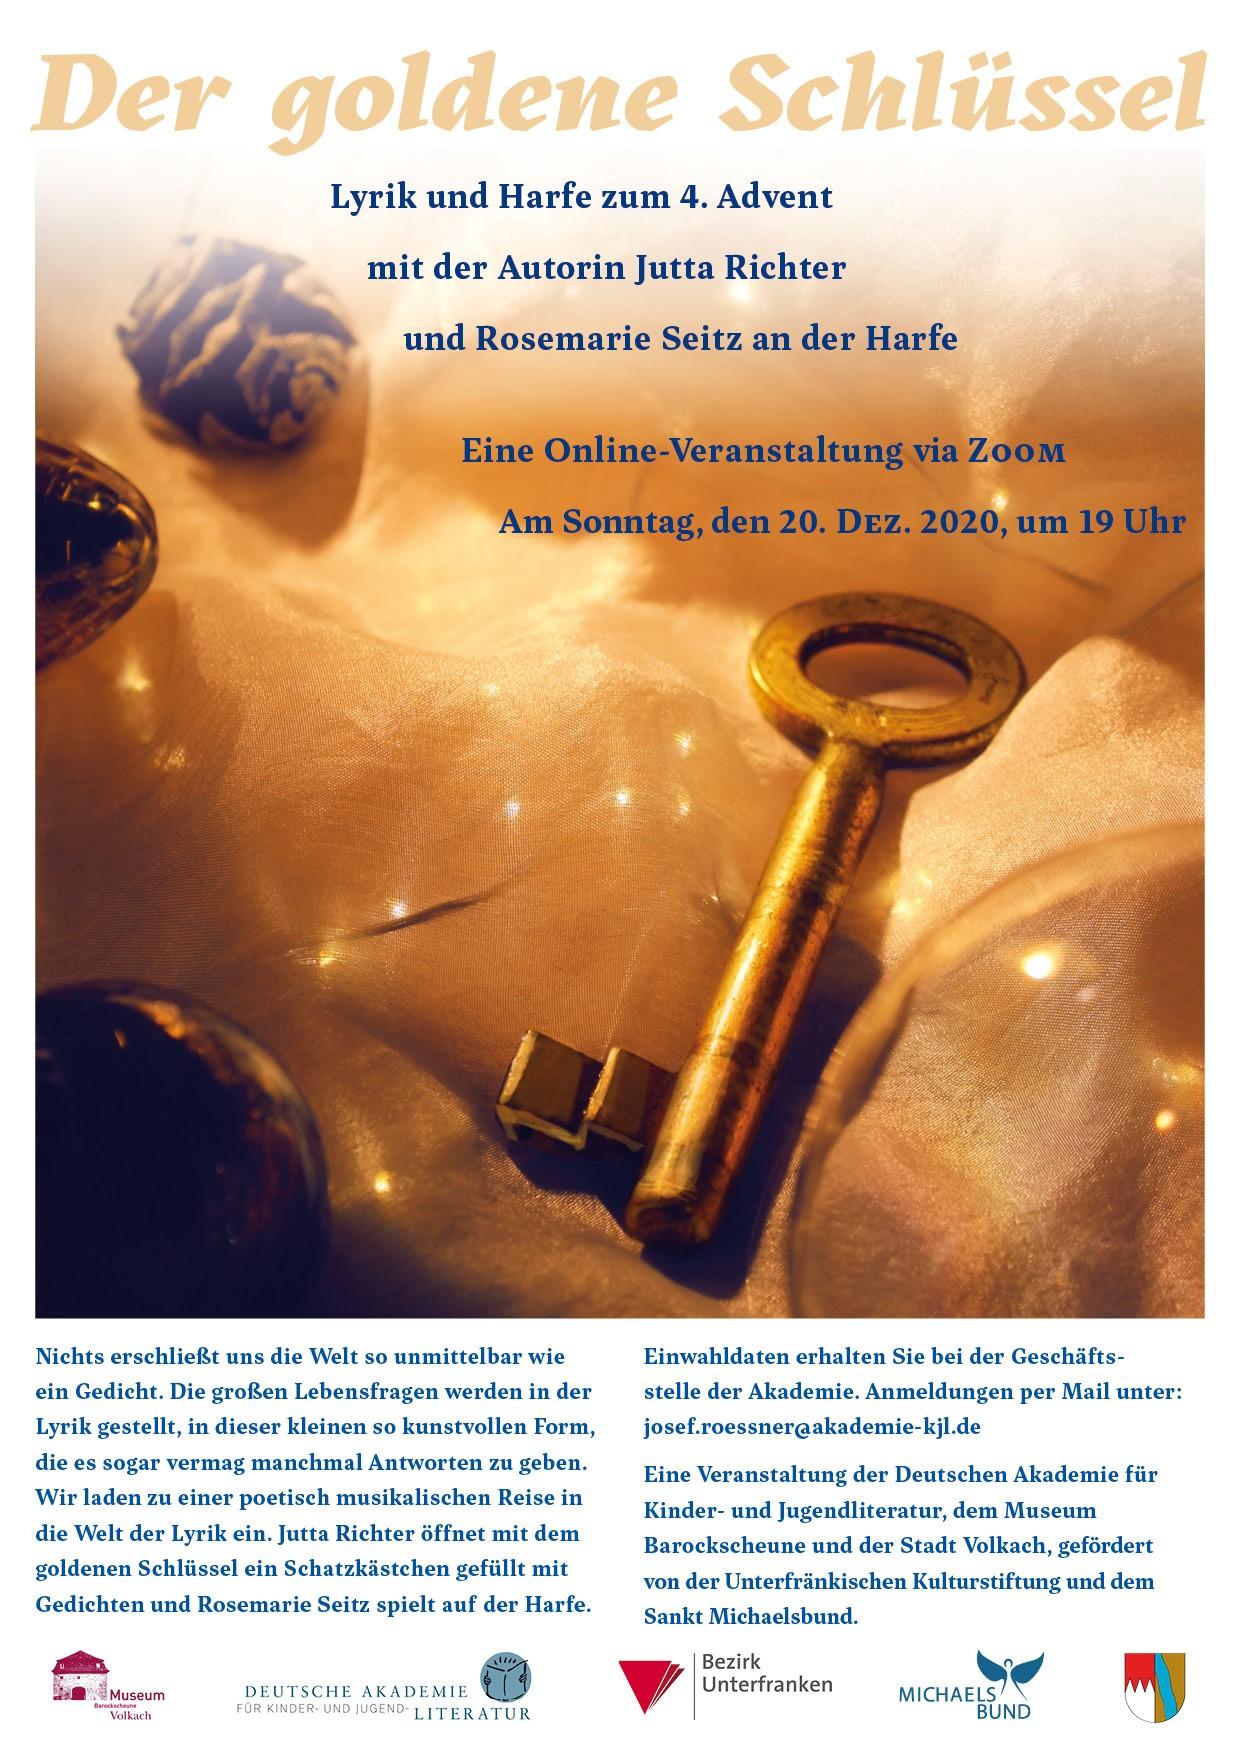 Der goldene Schlüssel (20.12.2020)